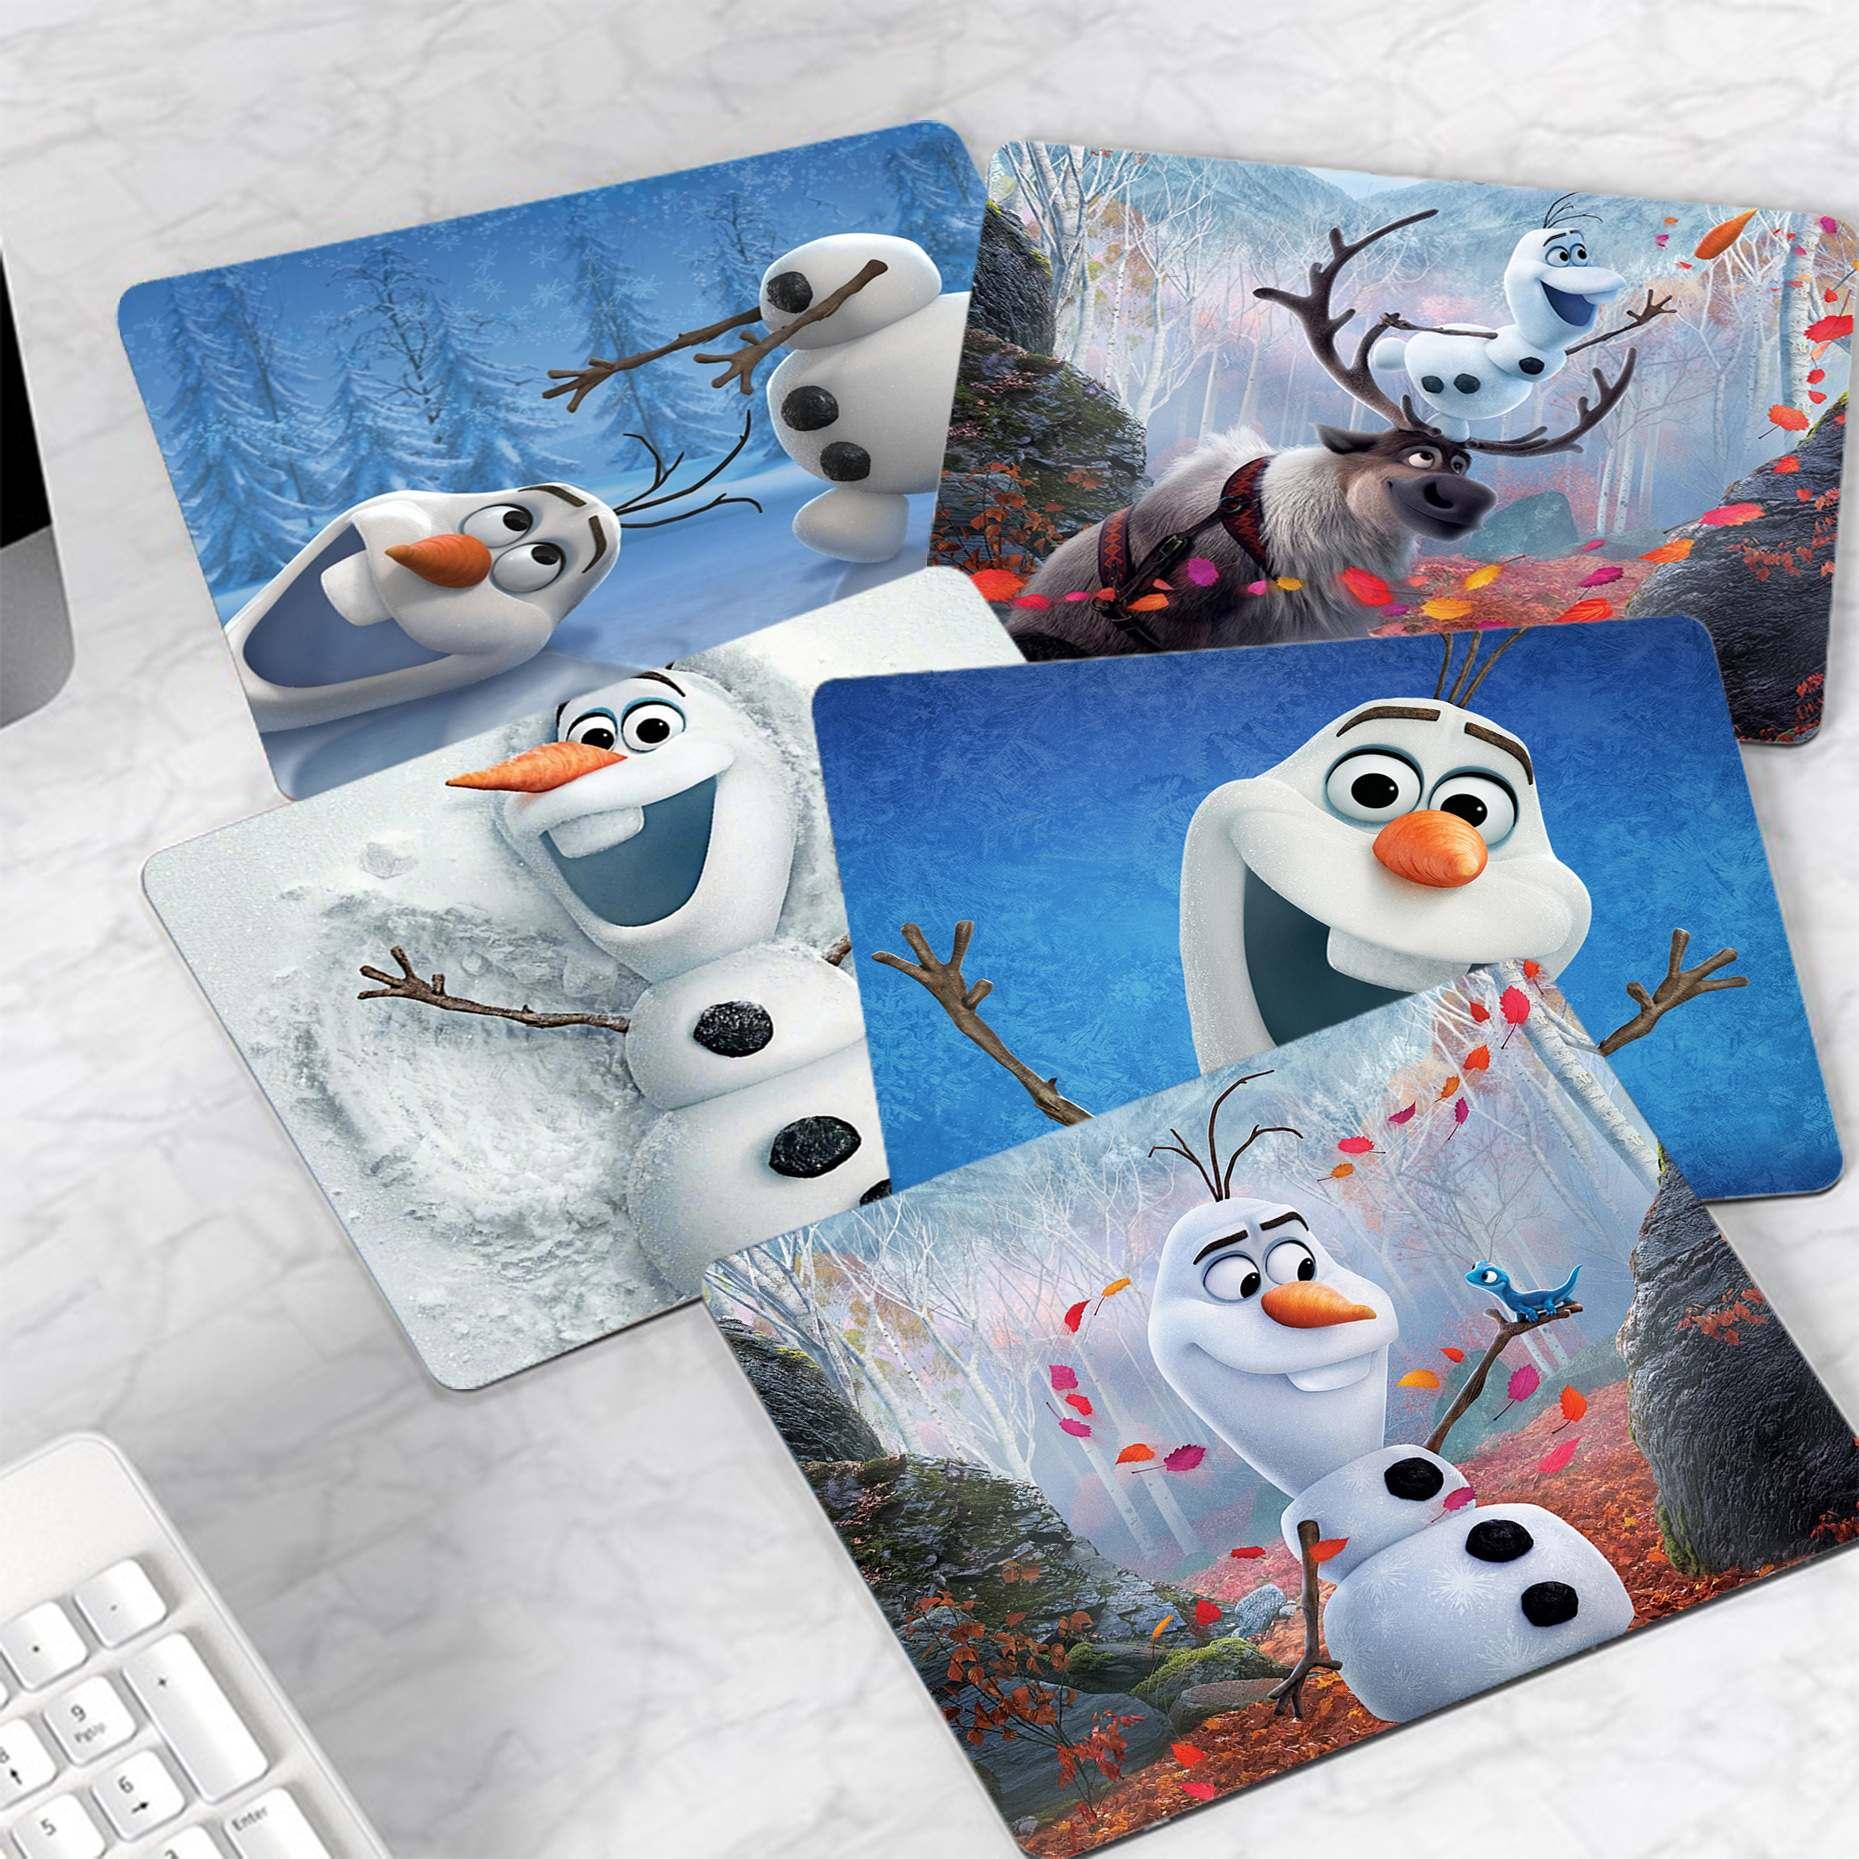 Новый игровой коврик для мыши Disney Olaf, Холодное сердце, компьютерный коврик для компьютера, гладкий коврик для письма, настольные компьютеры,...